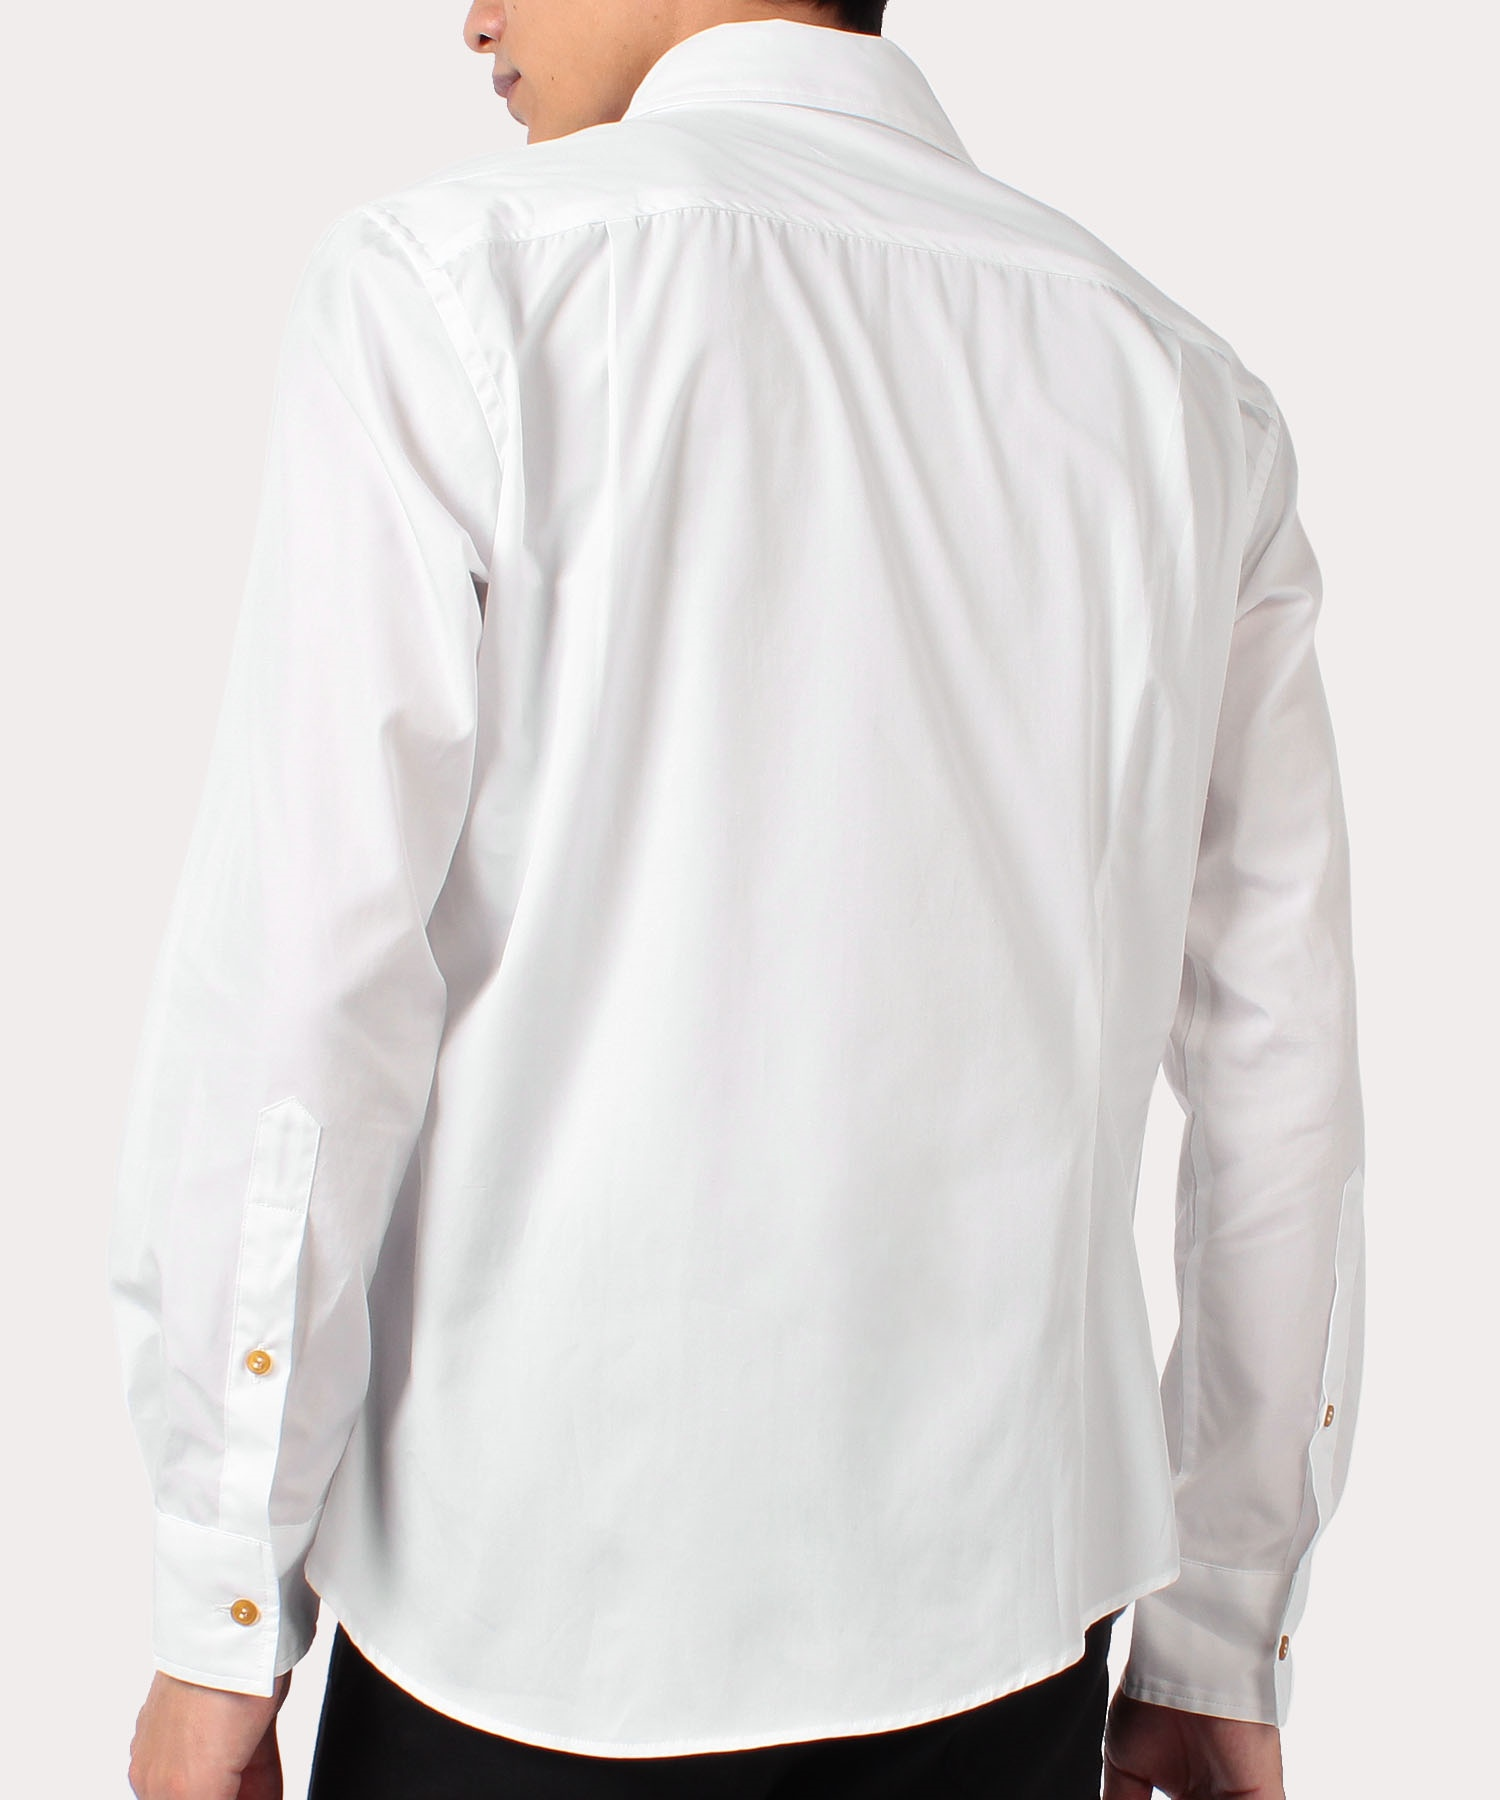 NEWオジークラークシャツ